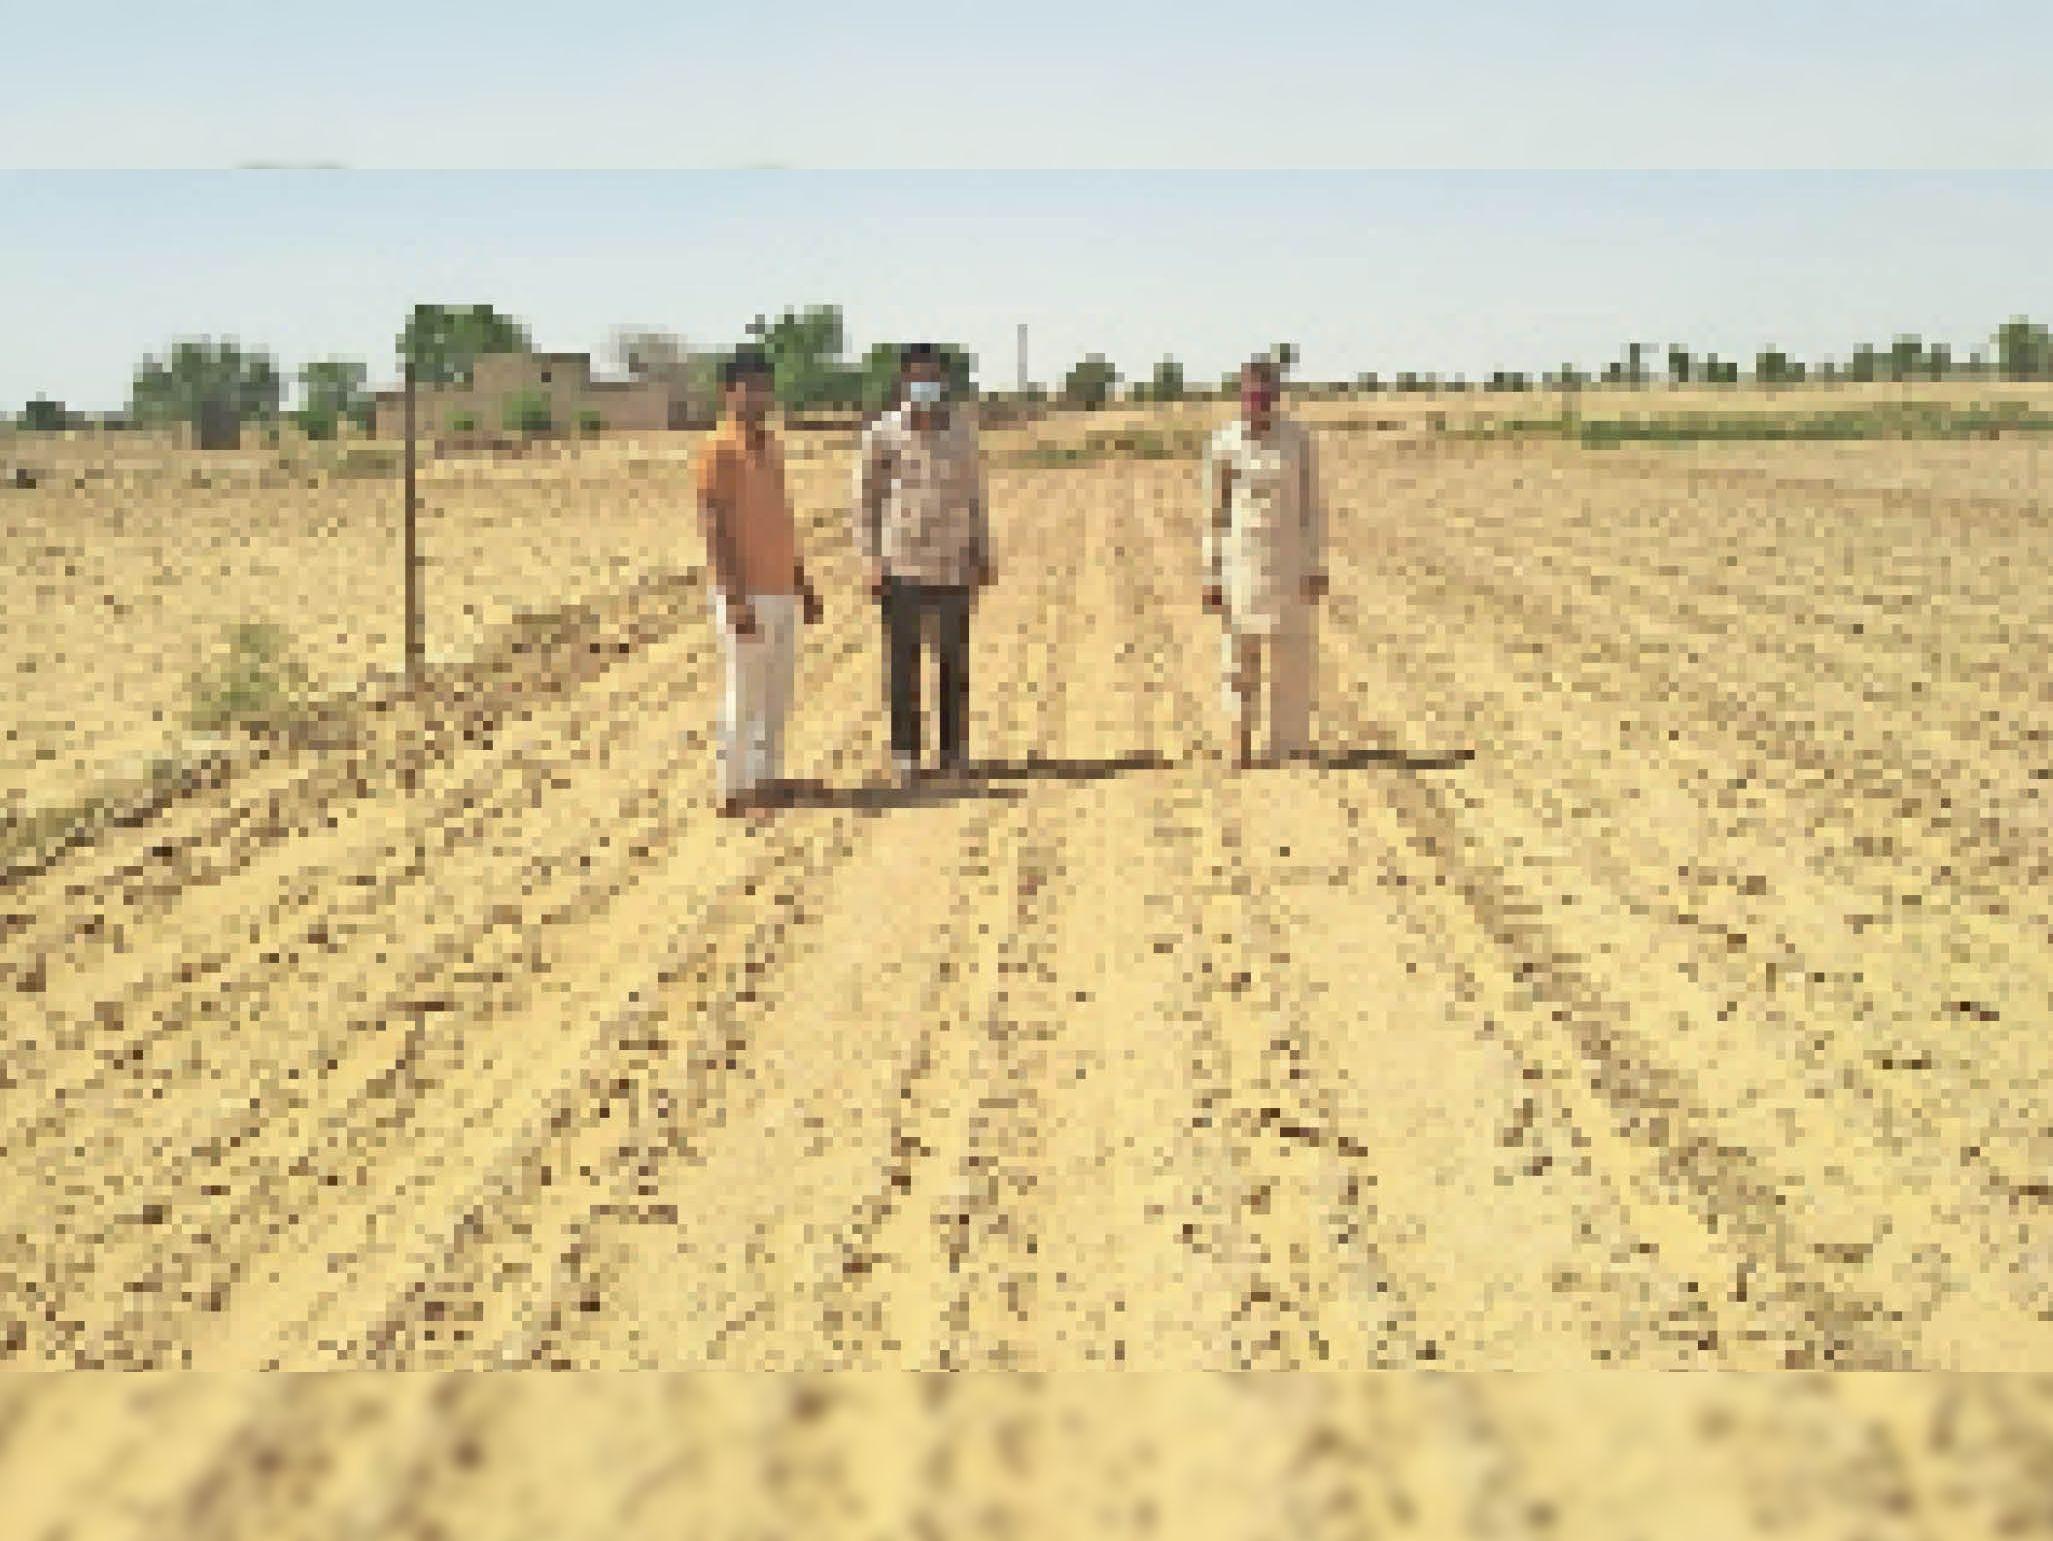 कृषि पर्यवेक्षक कुरंड हुई नरमा-कपास की फसल का जायजा लेते हुए। - Dainik Bhaskar